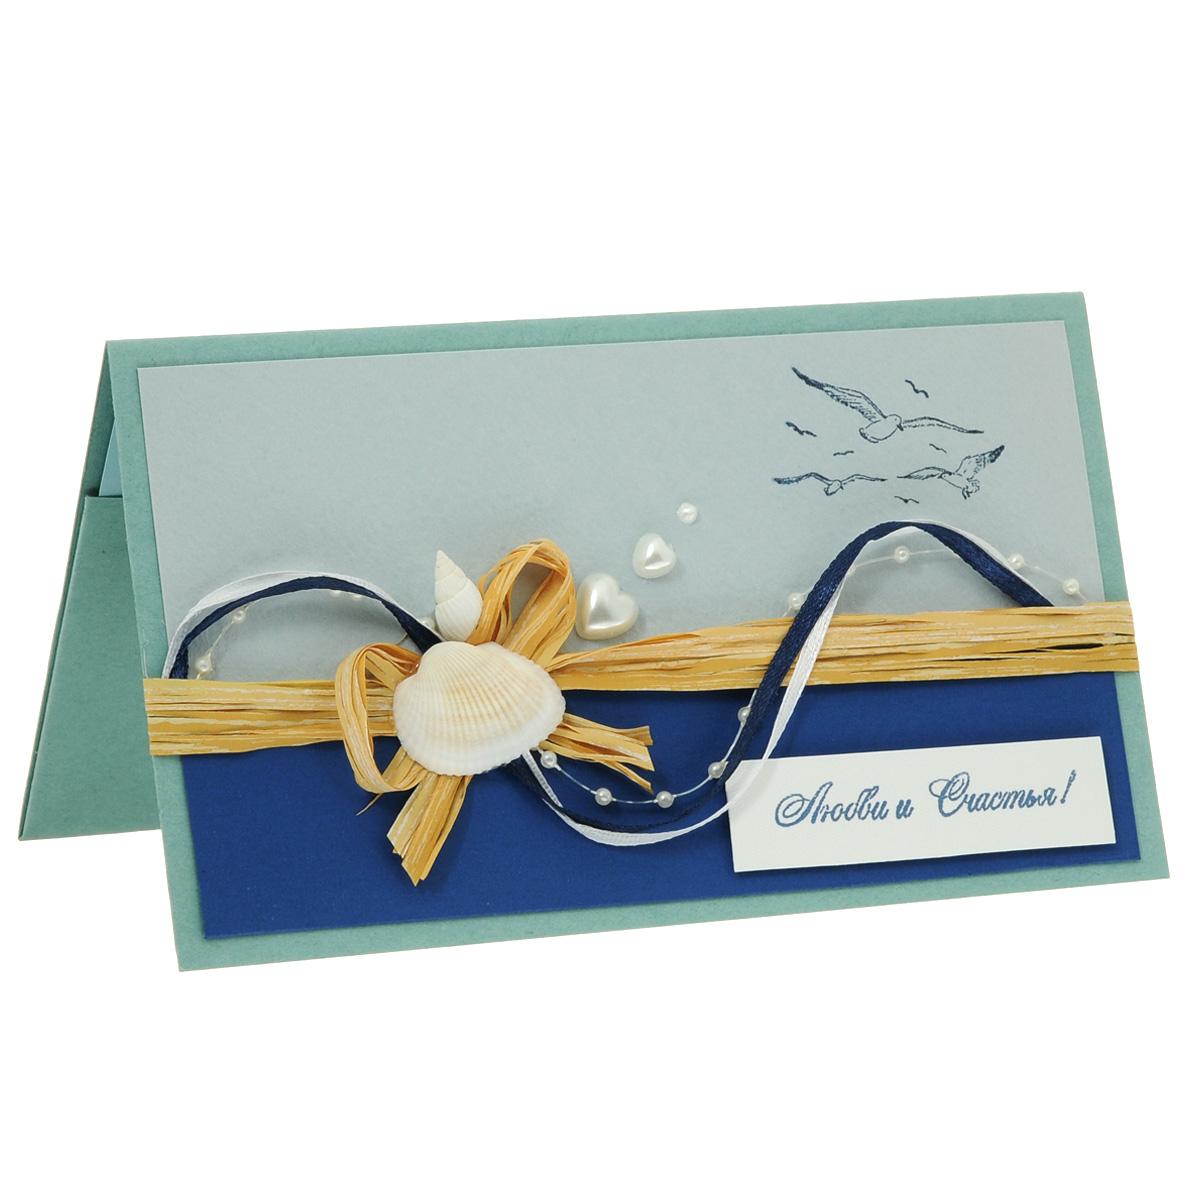 ОСВ-0002 Открытка-конверт «Любви и счастья» (морская). Студия «Тётя Роза»94993Характеристики: Размер 19 см x 11 см.Материал: Высоко-художественный картон, бумага, декор. Данная открытка может стать как прекрасным дополнением к вашему подарку, так и самостоятельным подарком. Так как открытка является и конвертом, в который вы можете вложить ваш денежный подарок или просто написать ваши пожелания на вкладыше.Пожелания в морском стиле настроят на приятные воспоминания о летнем отдыхе и романтических вечерах. Конверт выполнен в бирюзово-синей морской гамме. В декоре использованы натуральные материалы: раффия, мелкие жемчужины и ракушки. Также открытка упакована в пакетик для сохранности.Обращаем Ваше внимание на то, что открытка может незначительно отличаться от представленной на фото.Открытки ручной работы от студии Тётя Роза отличаются своим неповторимым и ярким стилем. Каждая уникальна и выполнена вручную мастерами студии. (Открытка для мужчин, открытка для женщины, открытка на день рождения, открытка с днем свадьбы, открытка винтаж, открытка с юбилеем, открытка на все случаи, скрапбукинг)